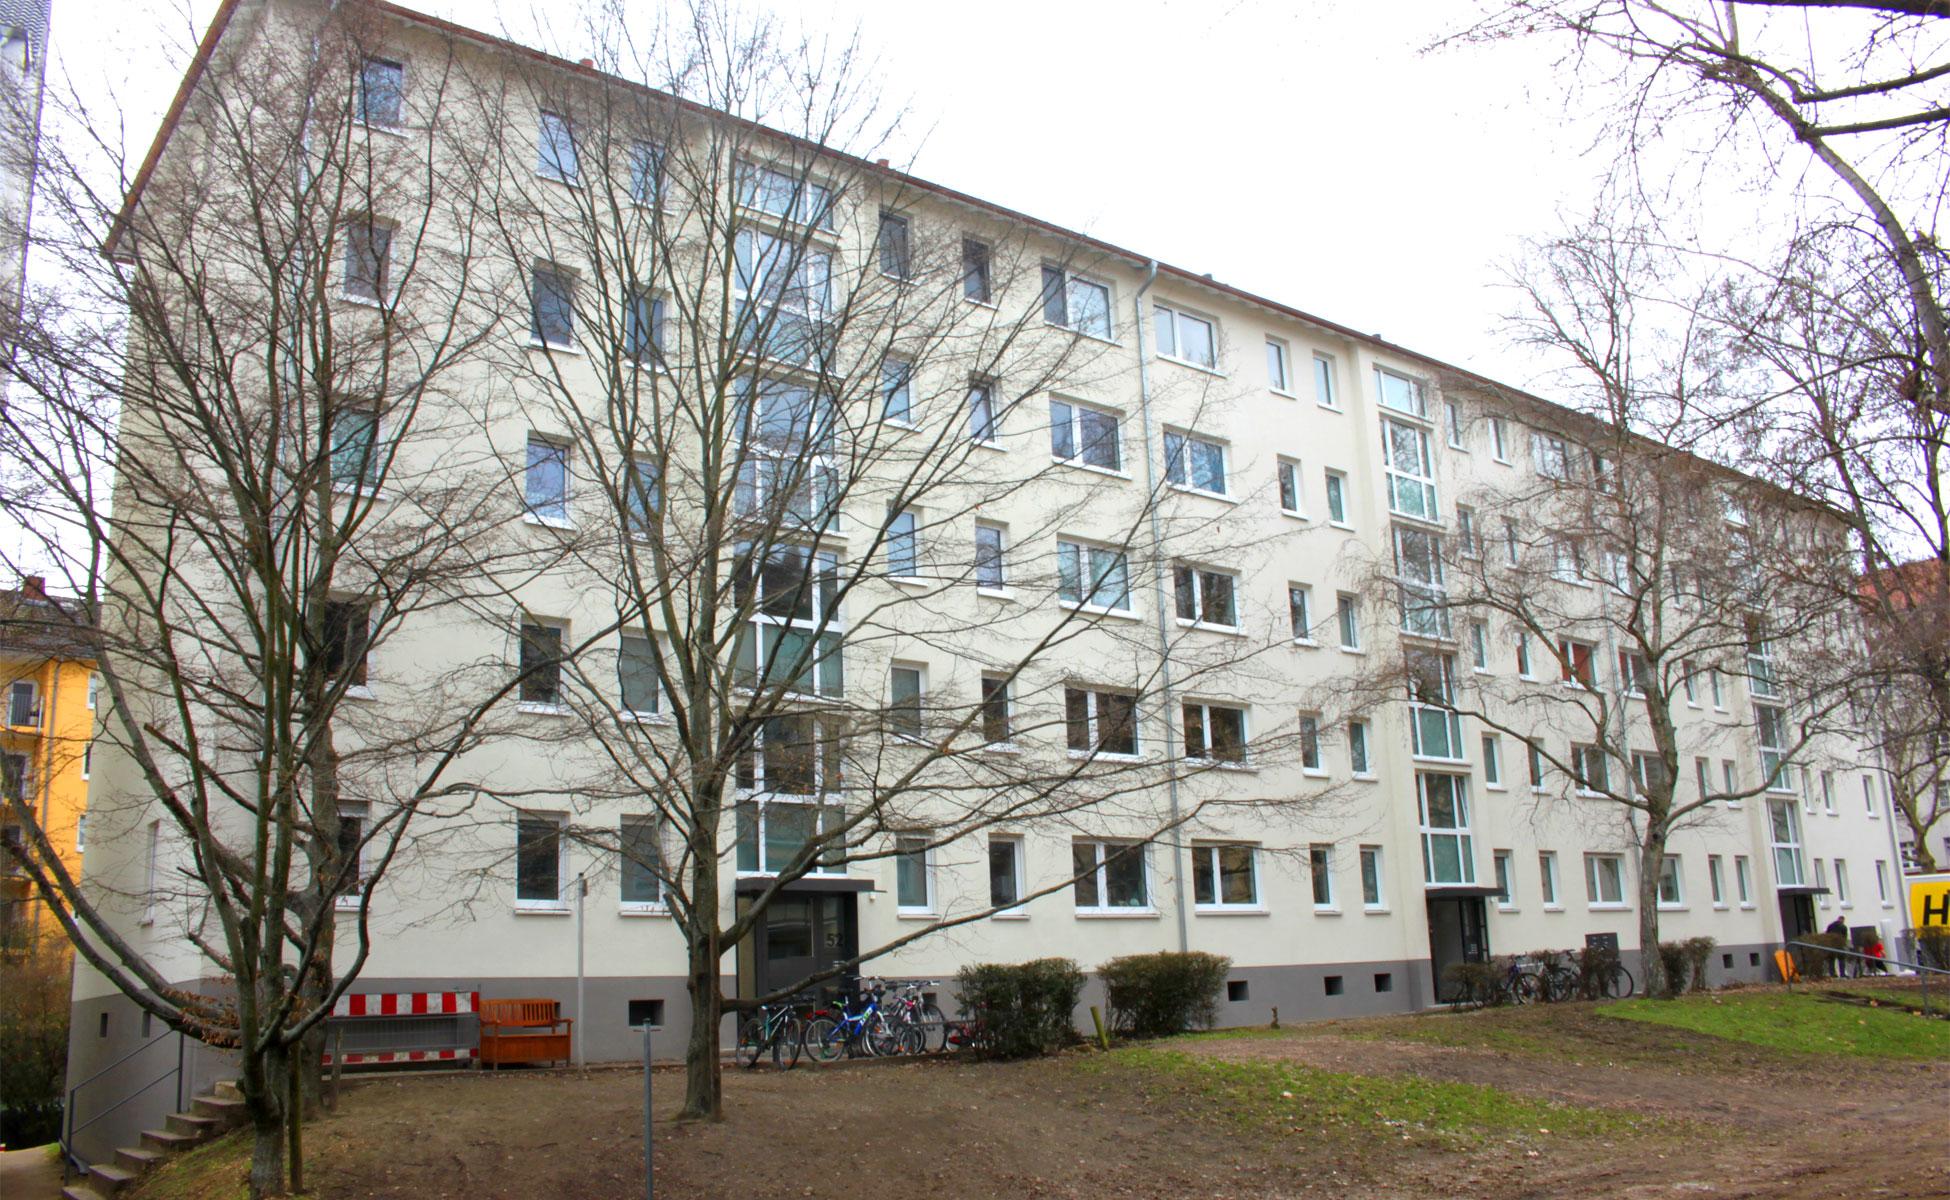 Referenz Art Objektbau Mainz-8